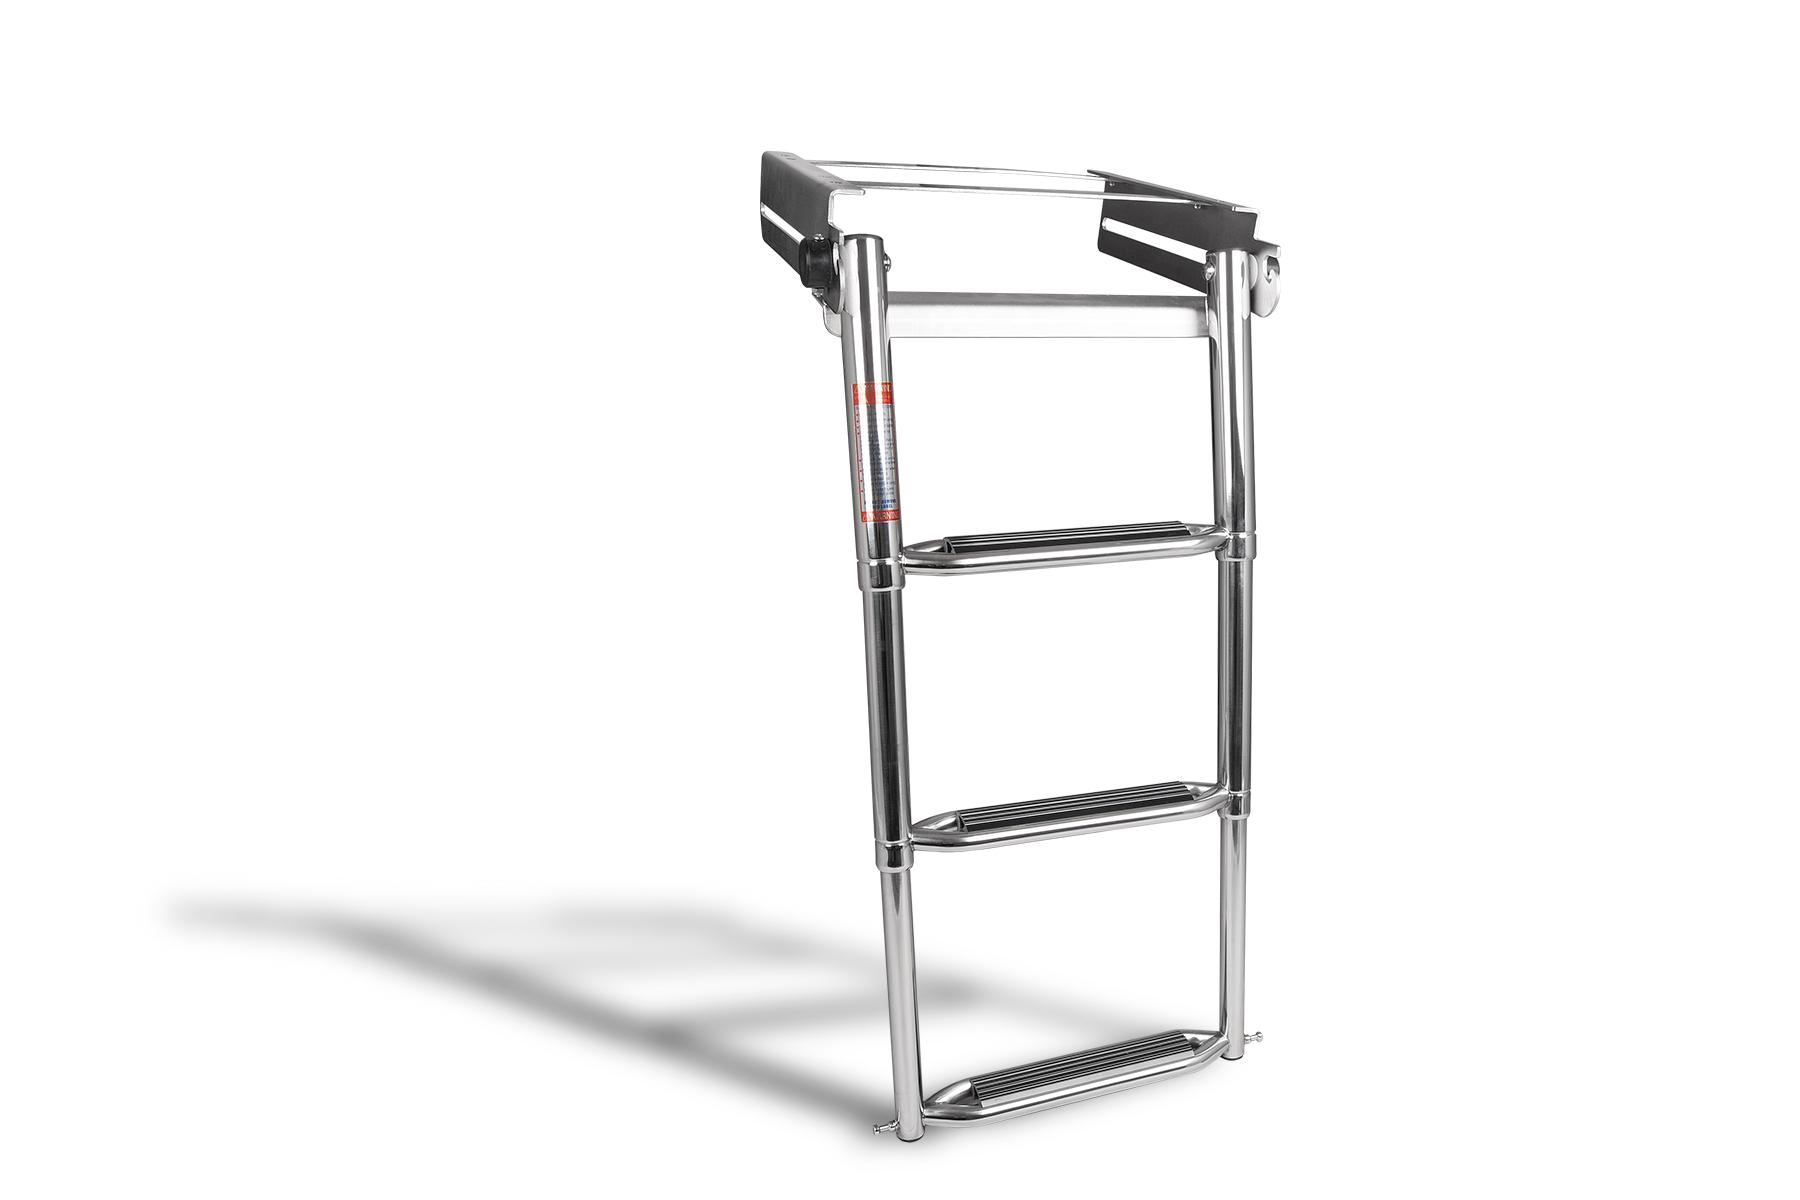 New_Tele_Ladder.jpg